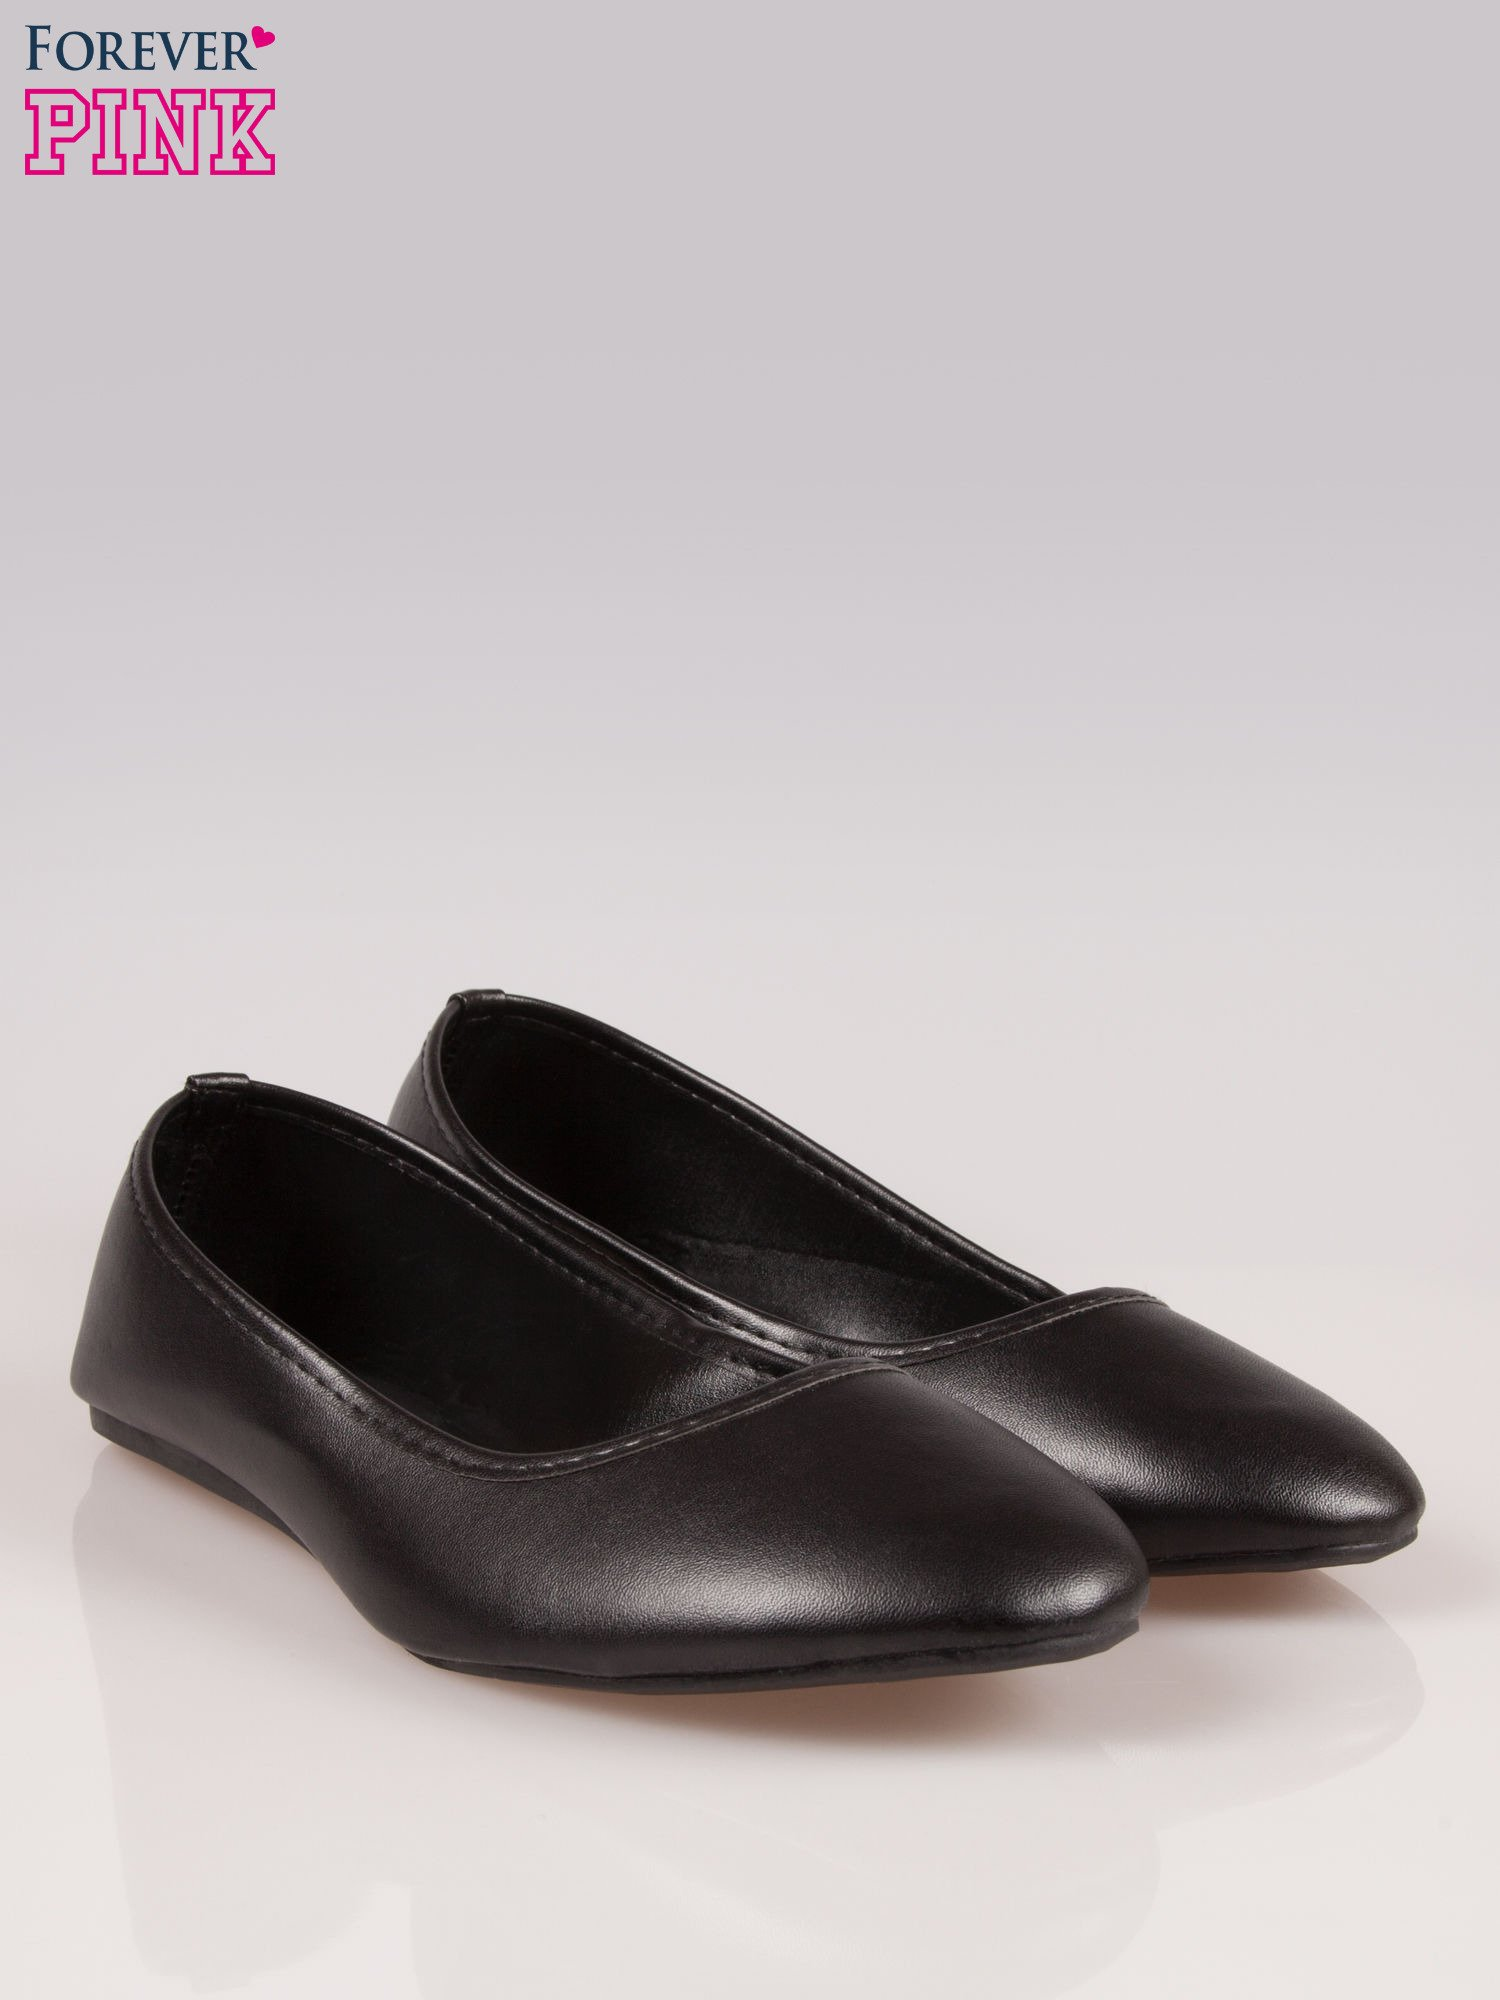 Czarne gładkie balerinki eco leather ze skóry ekologicznej                                  zdj.                                  2